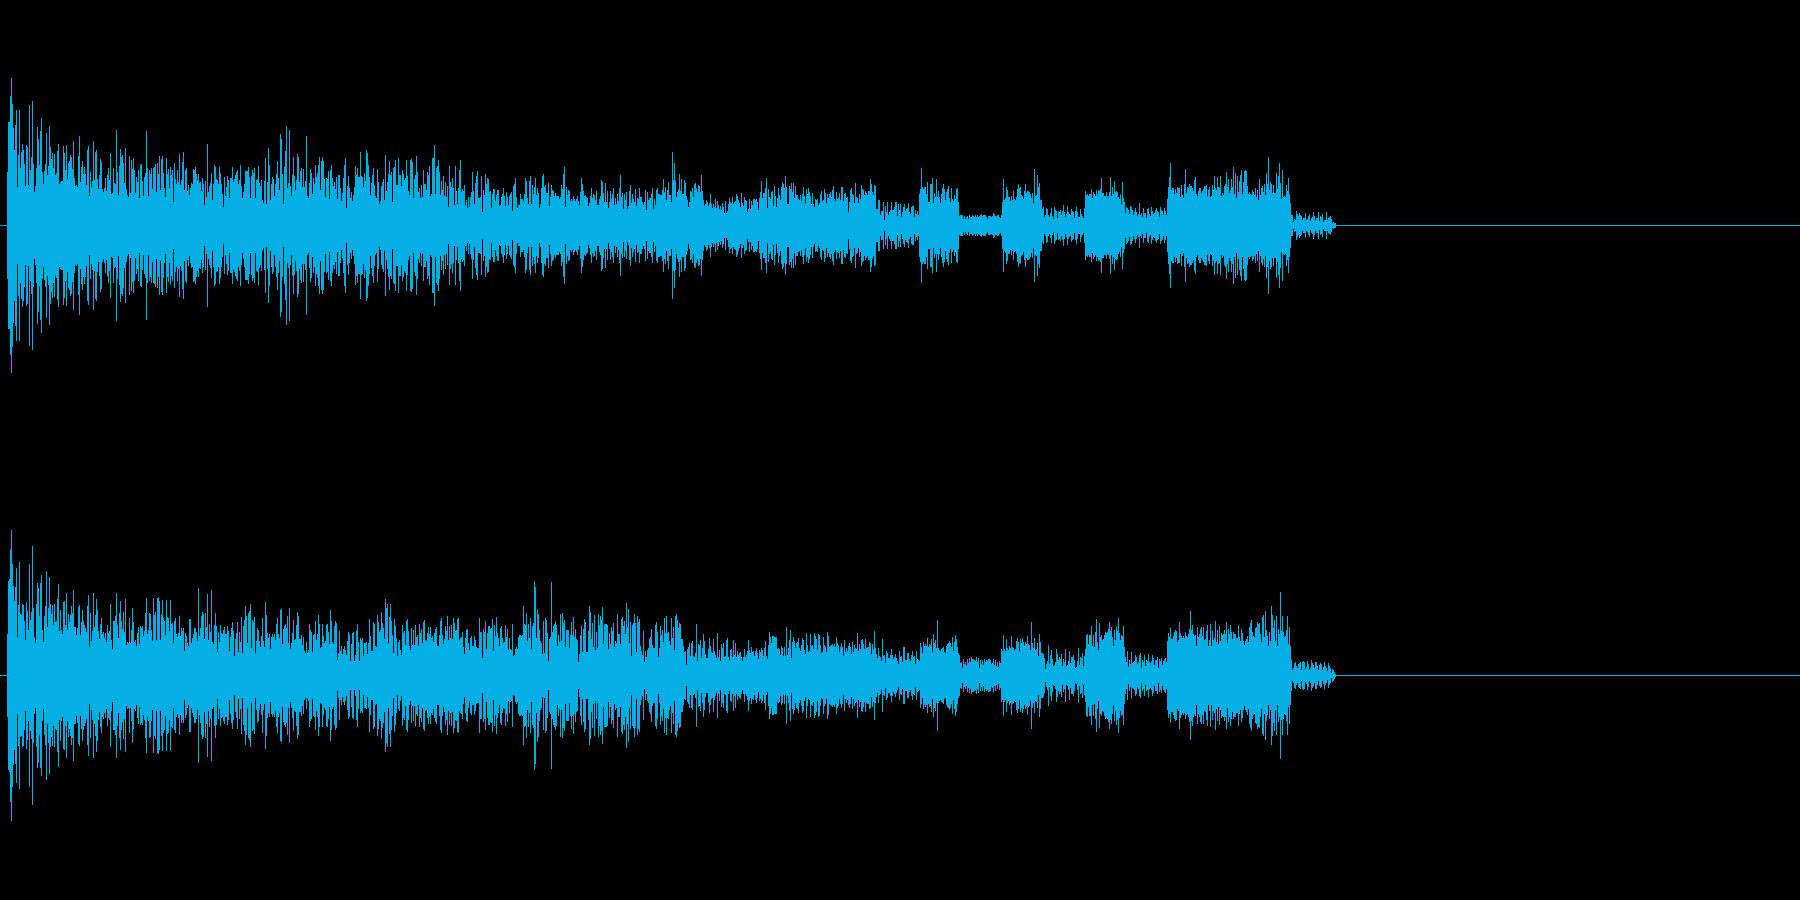 ズクズズージャジャジ (開始・スタート)の再生済みの波形